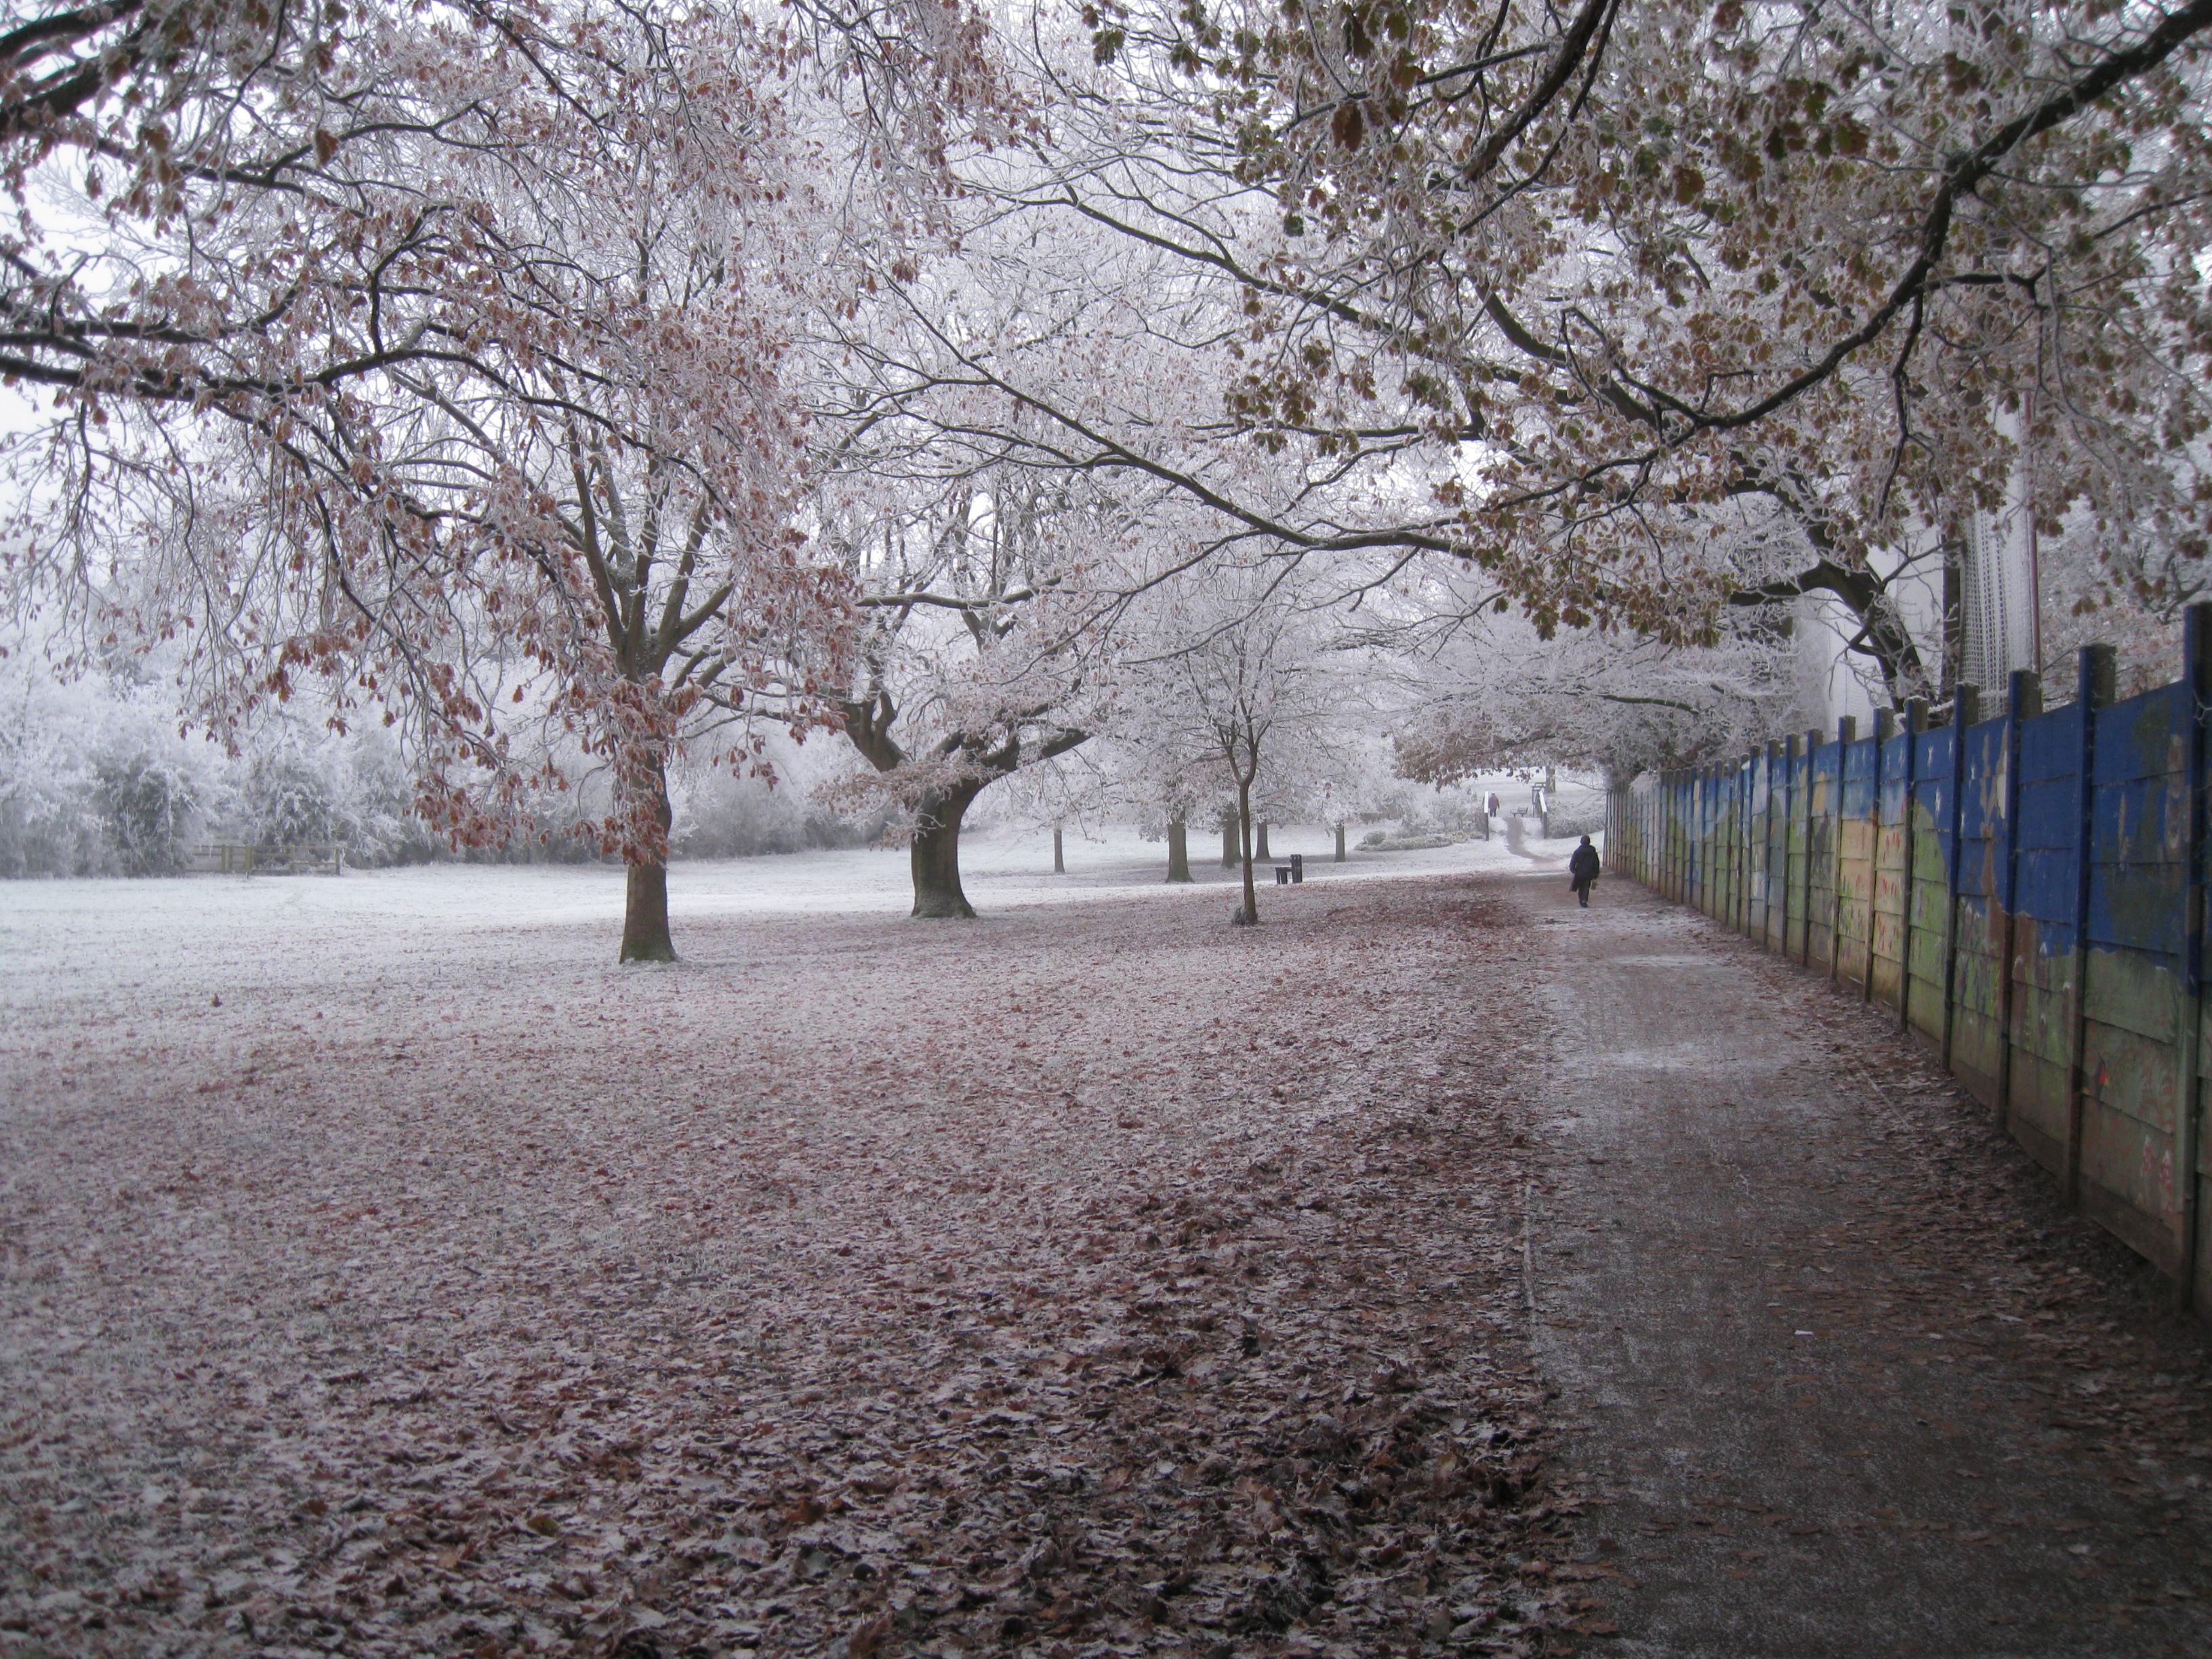 Tiles 18_3 19_2 20_1 21_0 End of autumn, Droitwich Lido Park